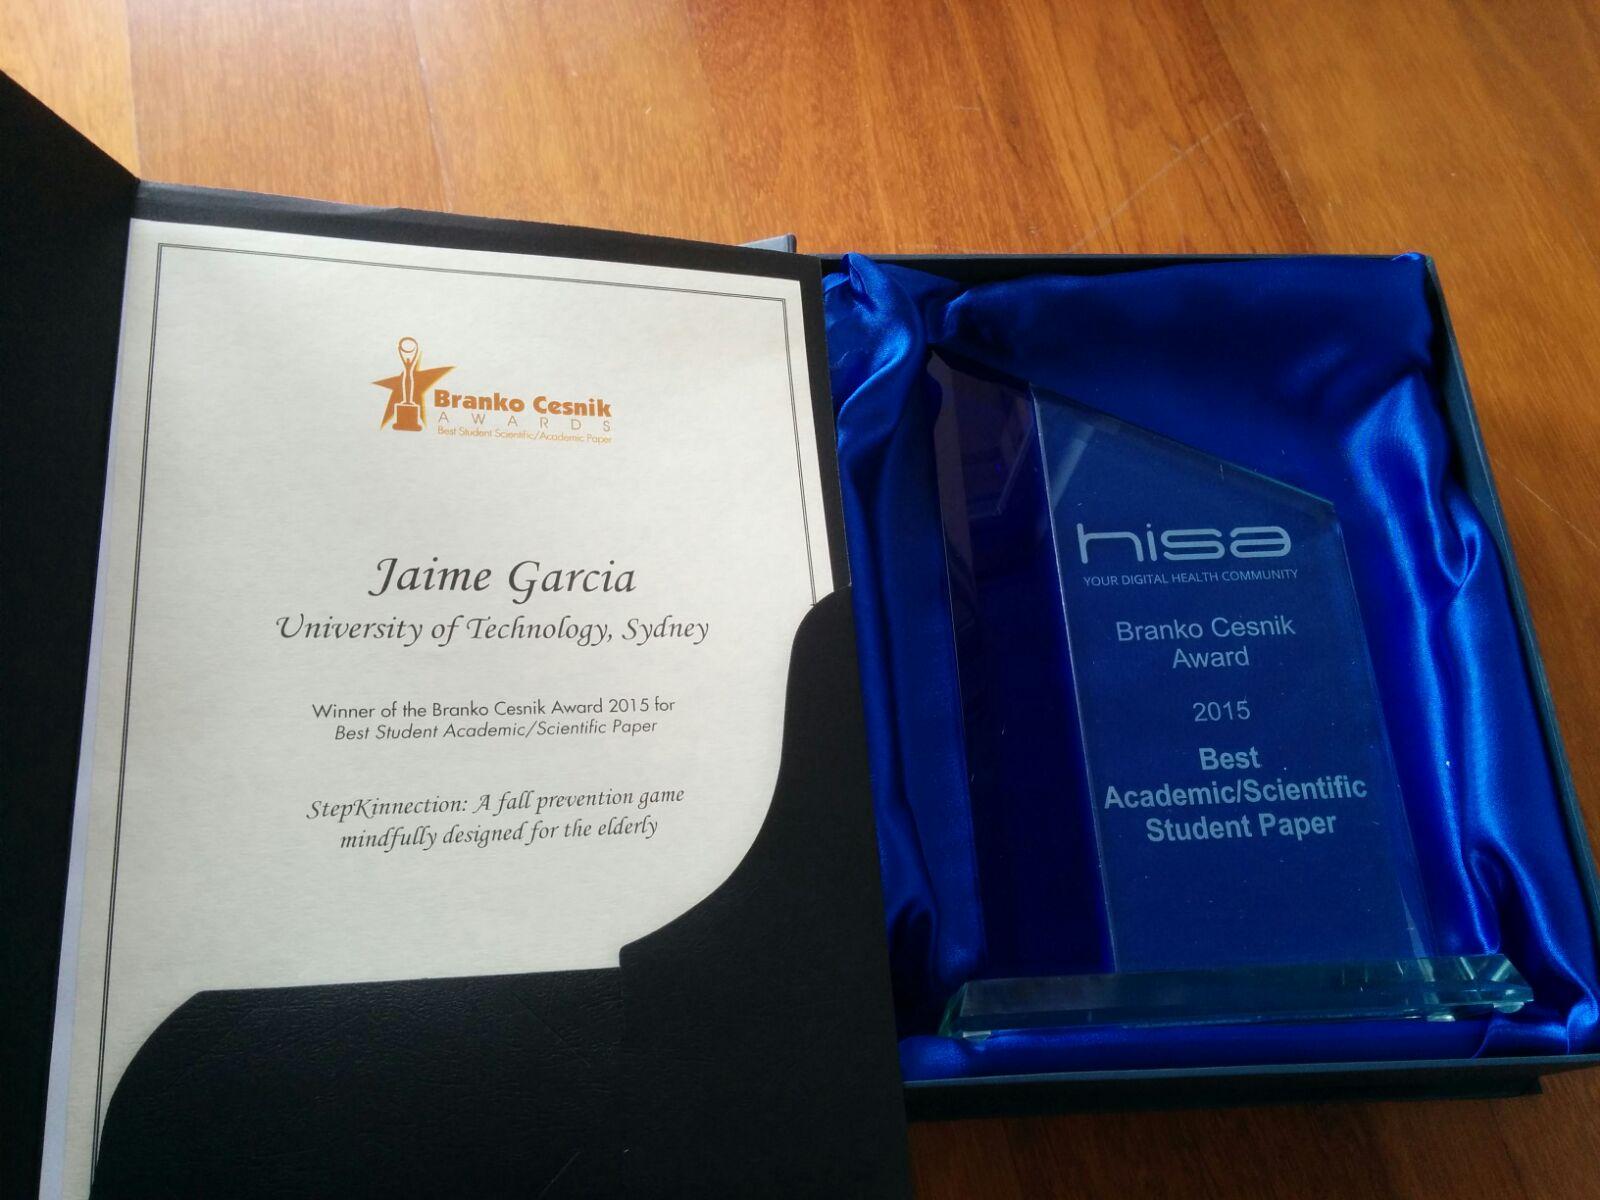 Jaime Garcia's award and trophy